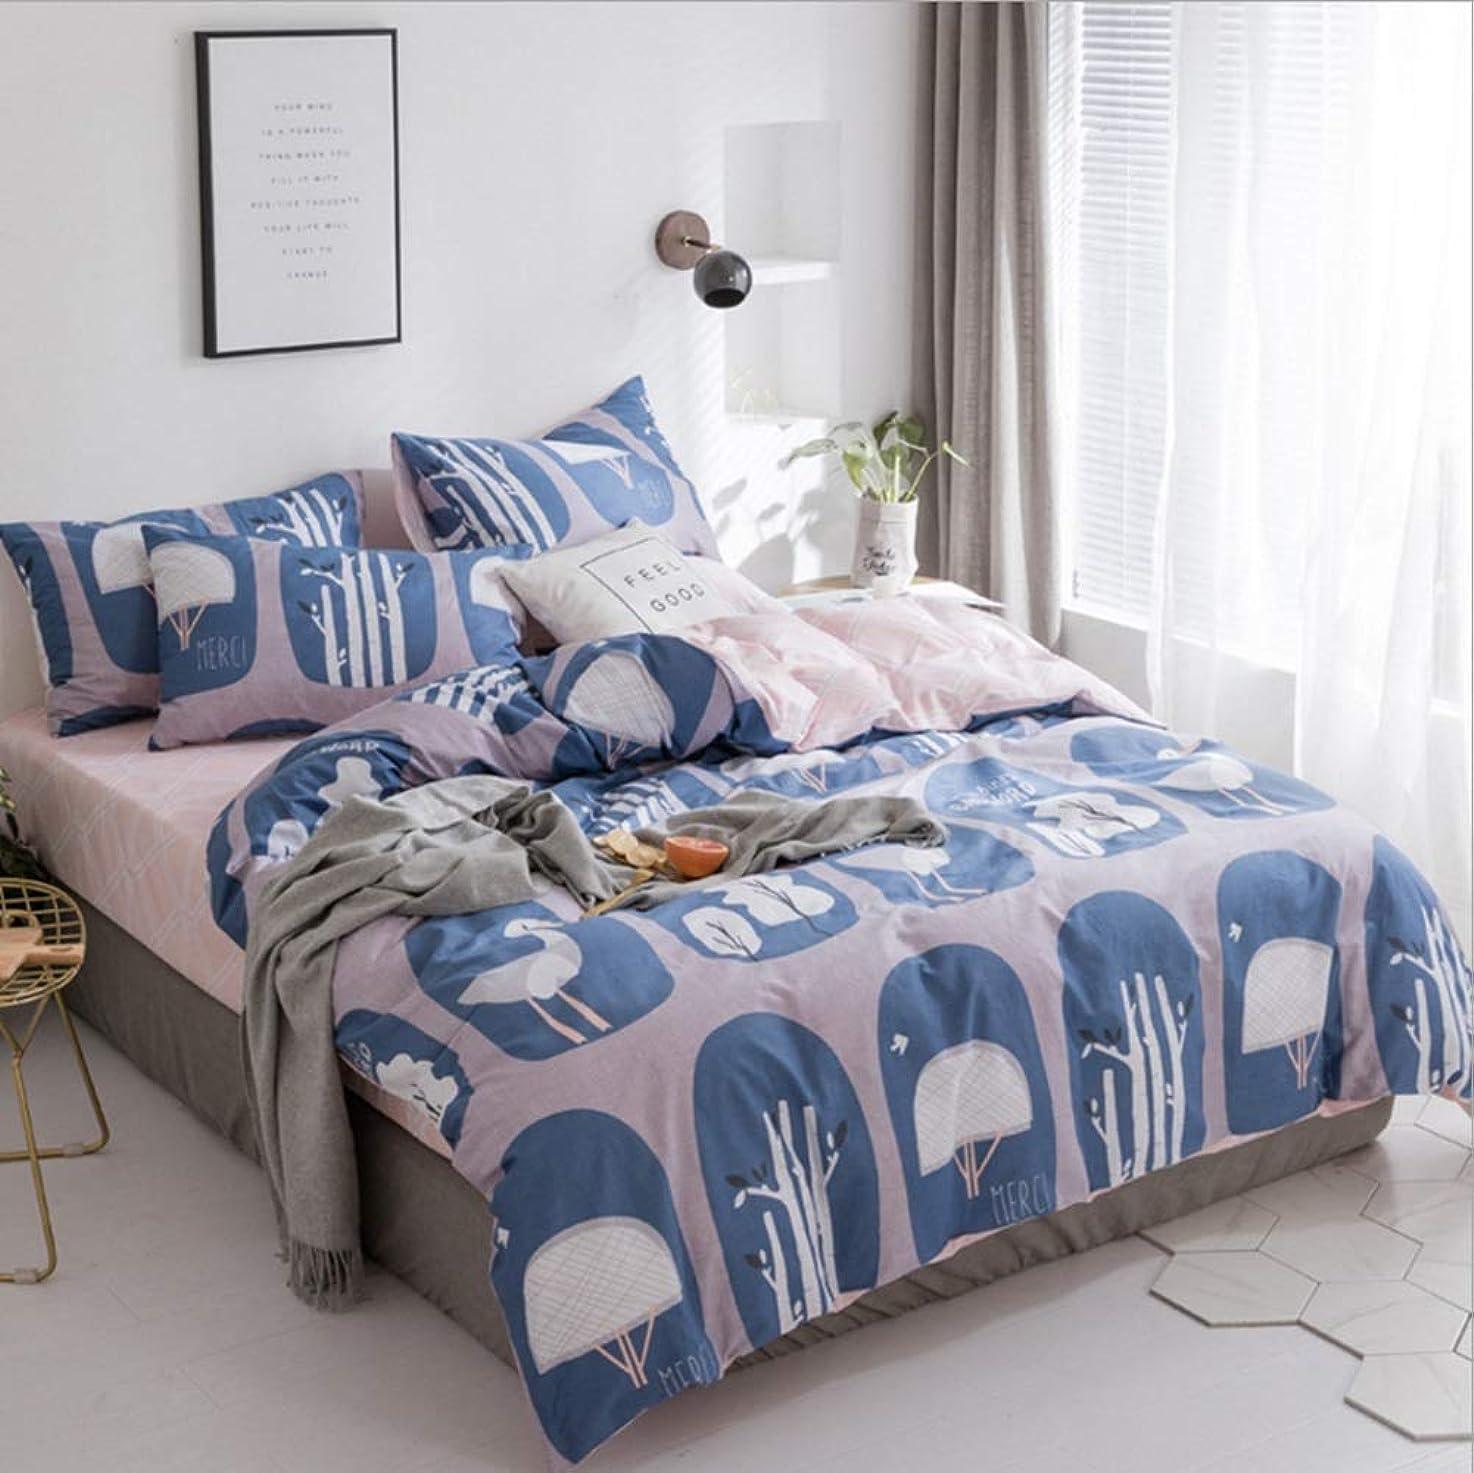 オールちっちゃい未使用家庭用寝具 小さな新鮮なピュアコットン4ピースツイル漫画プリントコットンベッドシーツベッドキルトカバー 生地シンプルでエレガントな 印刷ソフト (色 : ピンク, サイズ : 180CM)